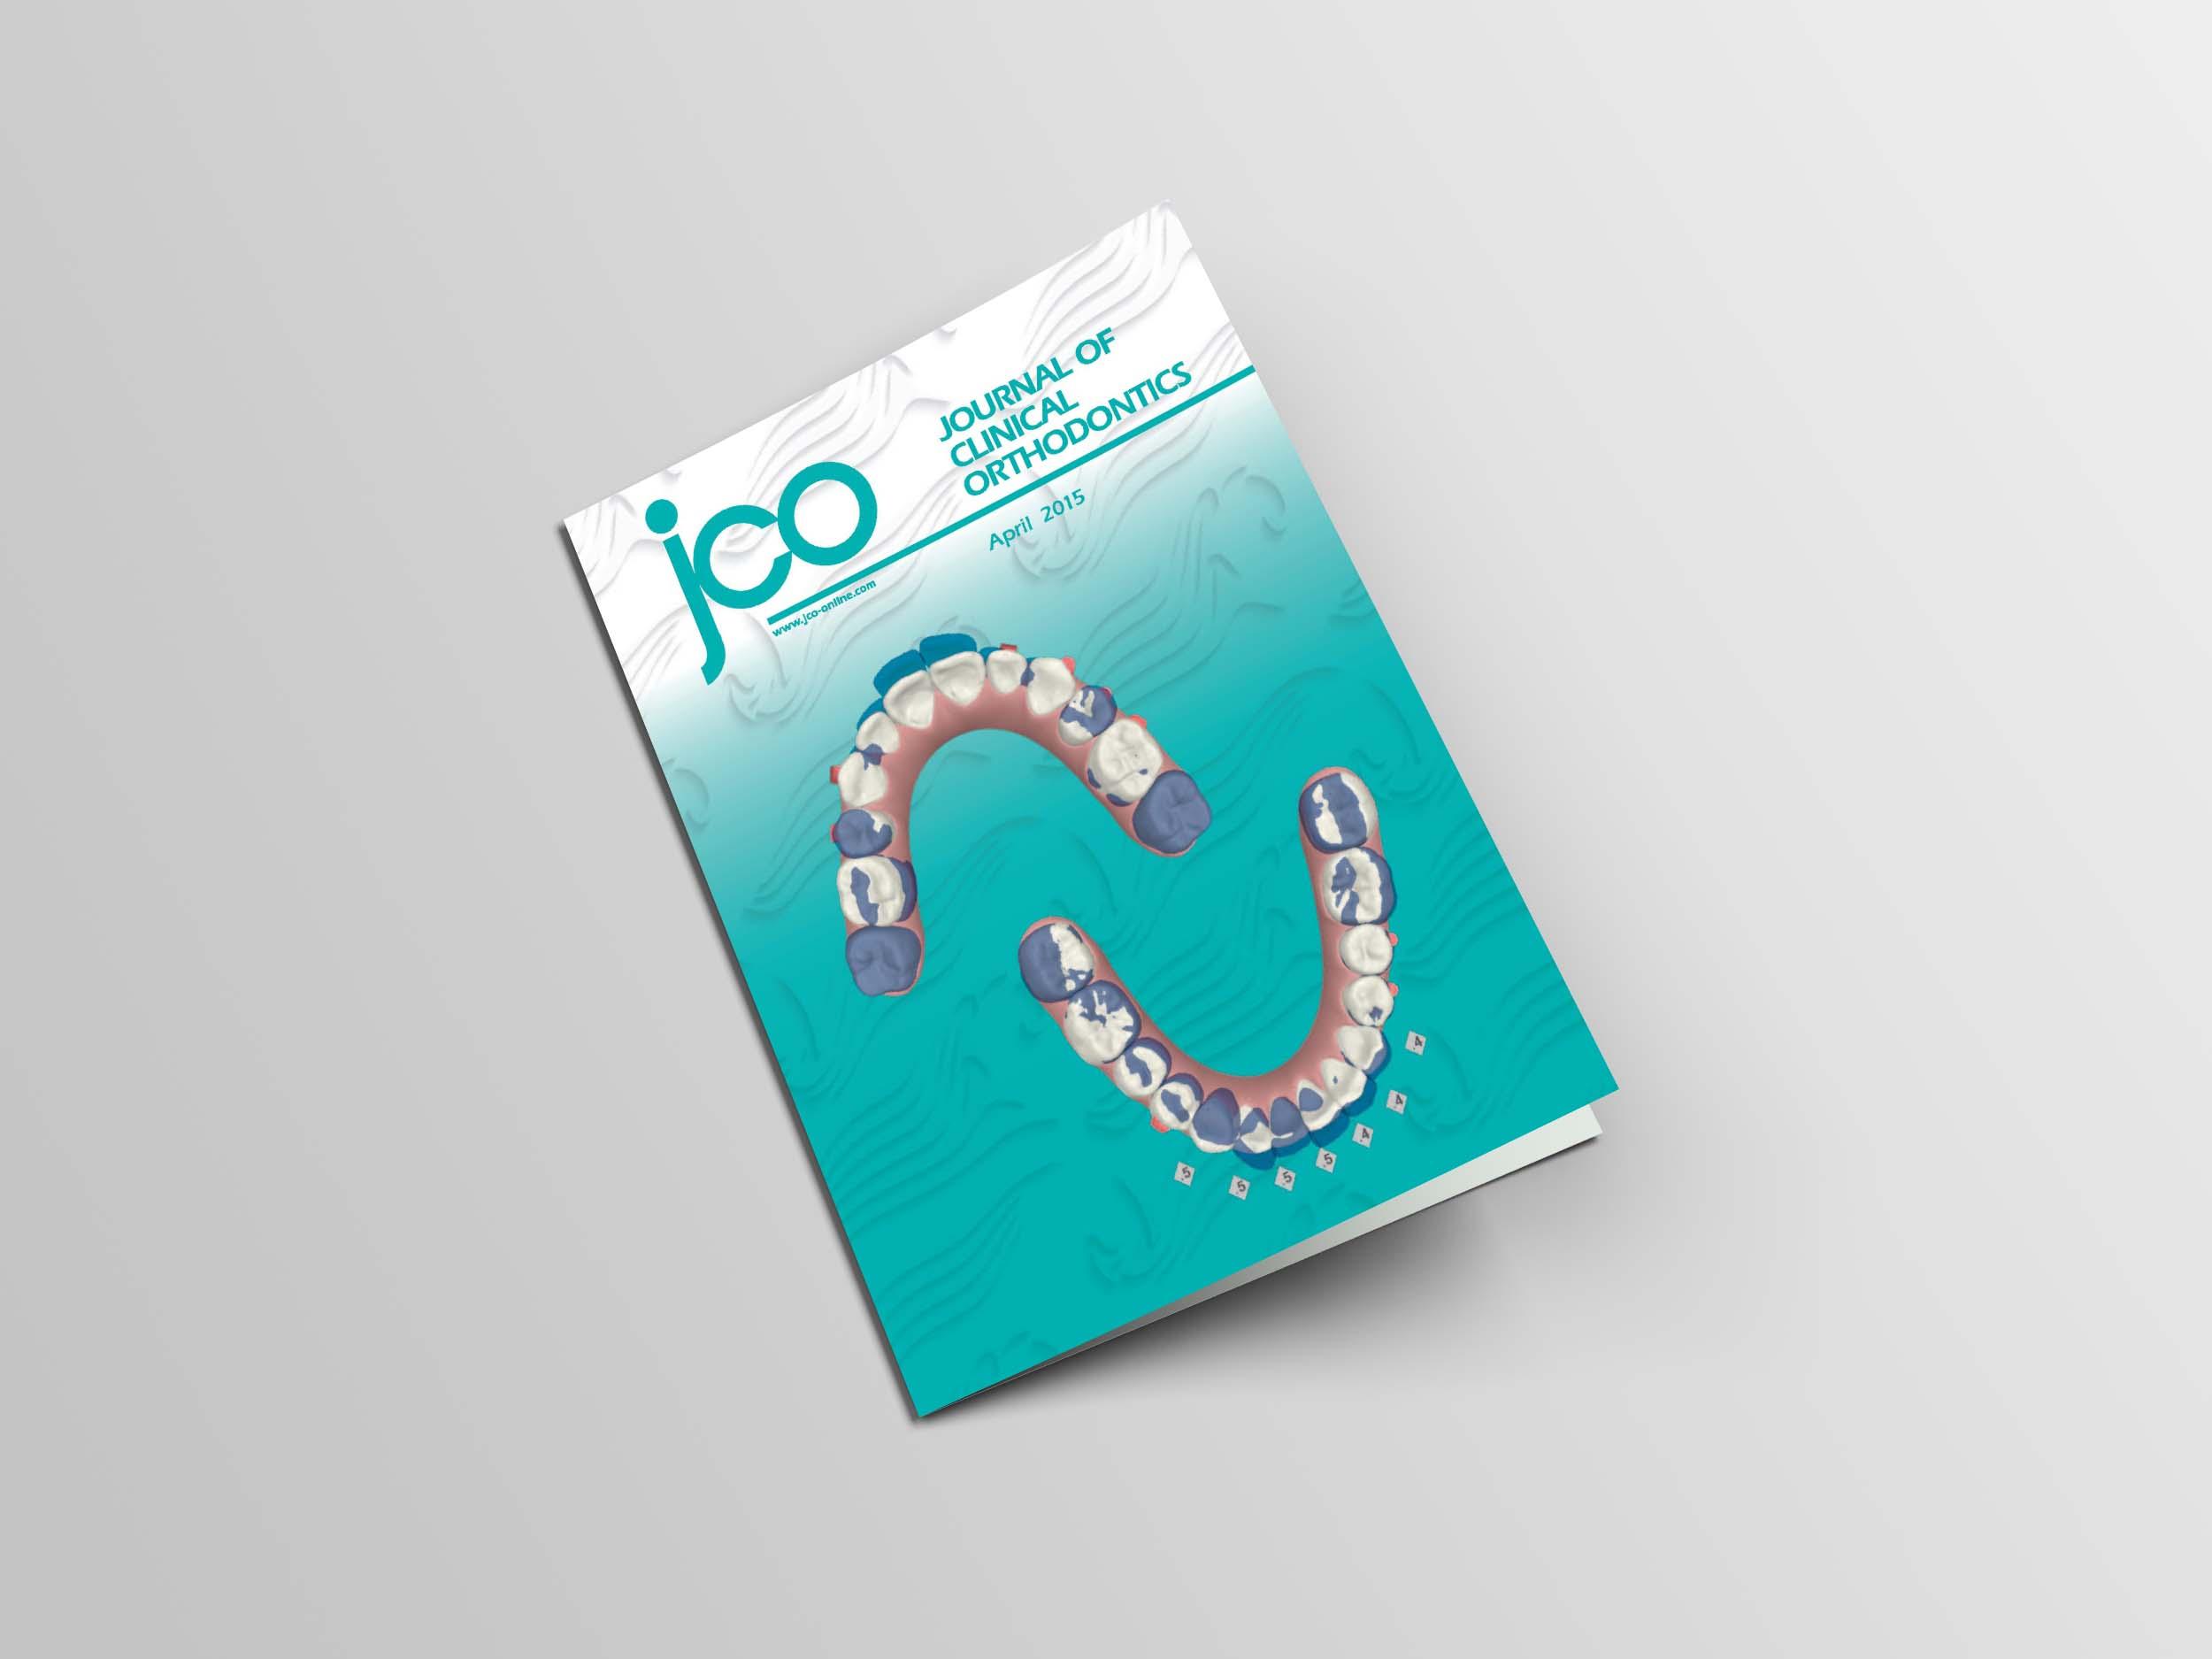 Accédez à une nouvelle revue en ligne : Journal of Clinical Orthodontics